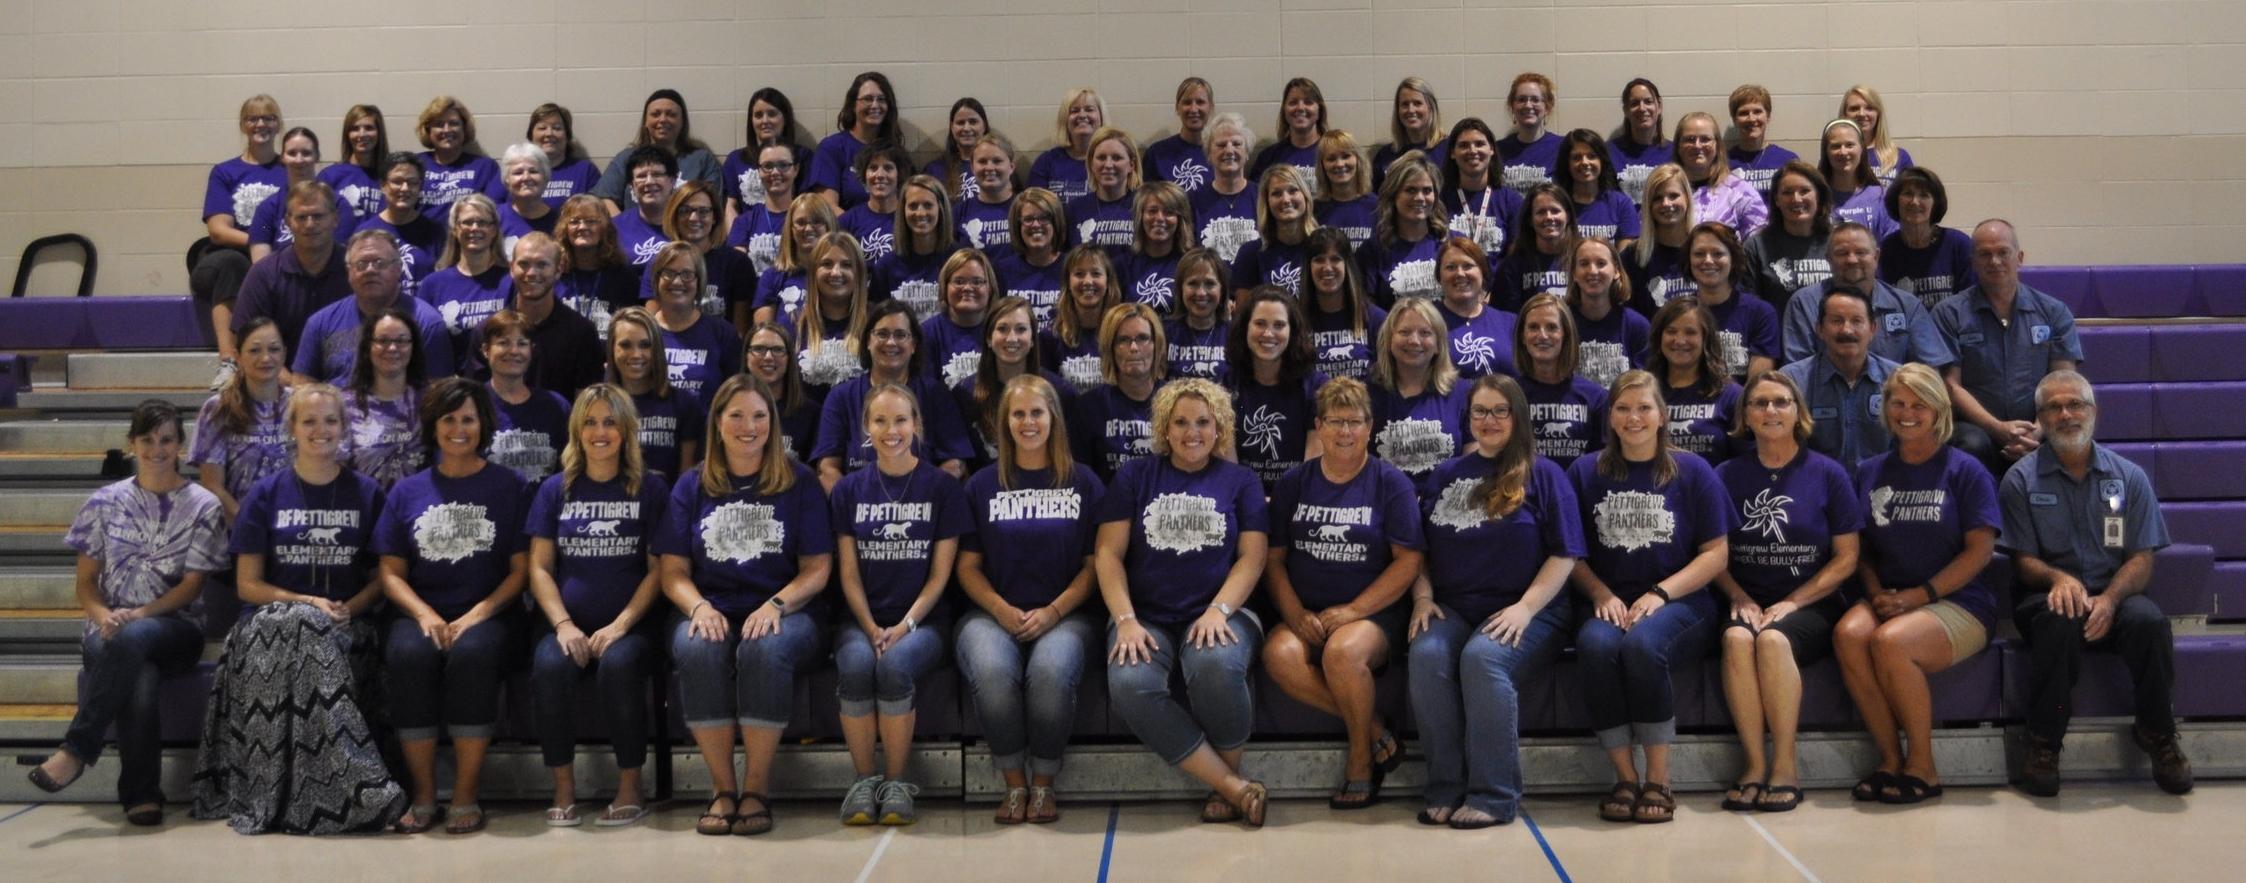 R.F. Pettigrew teachers and staff wearing purple t-shirts.